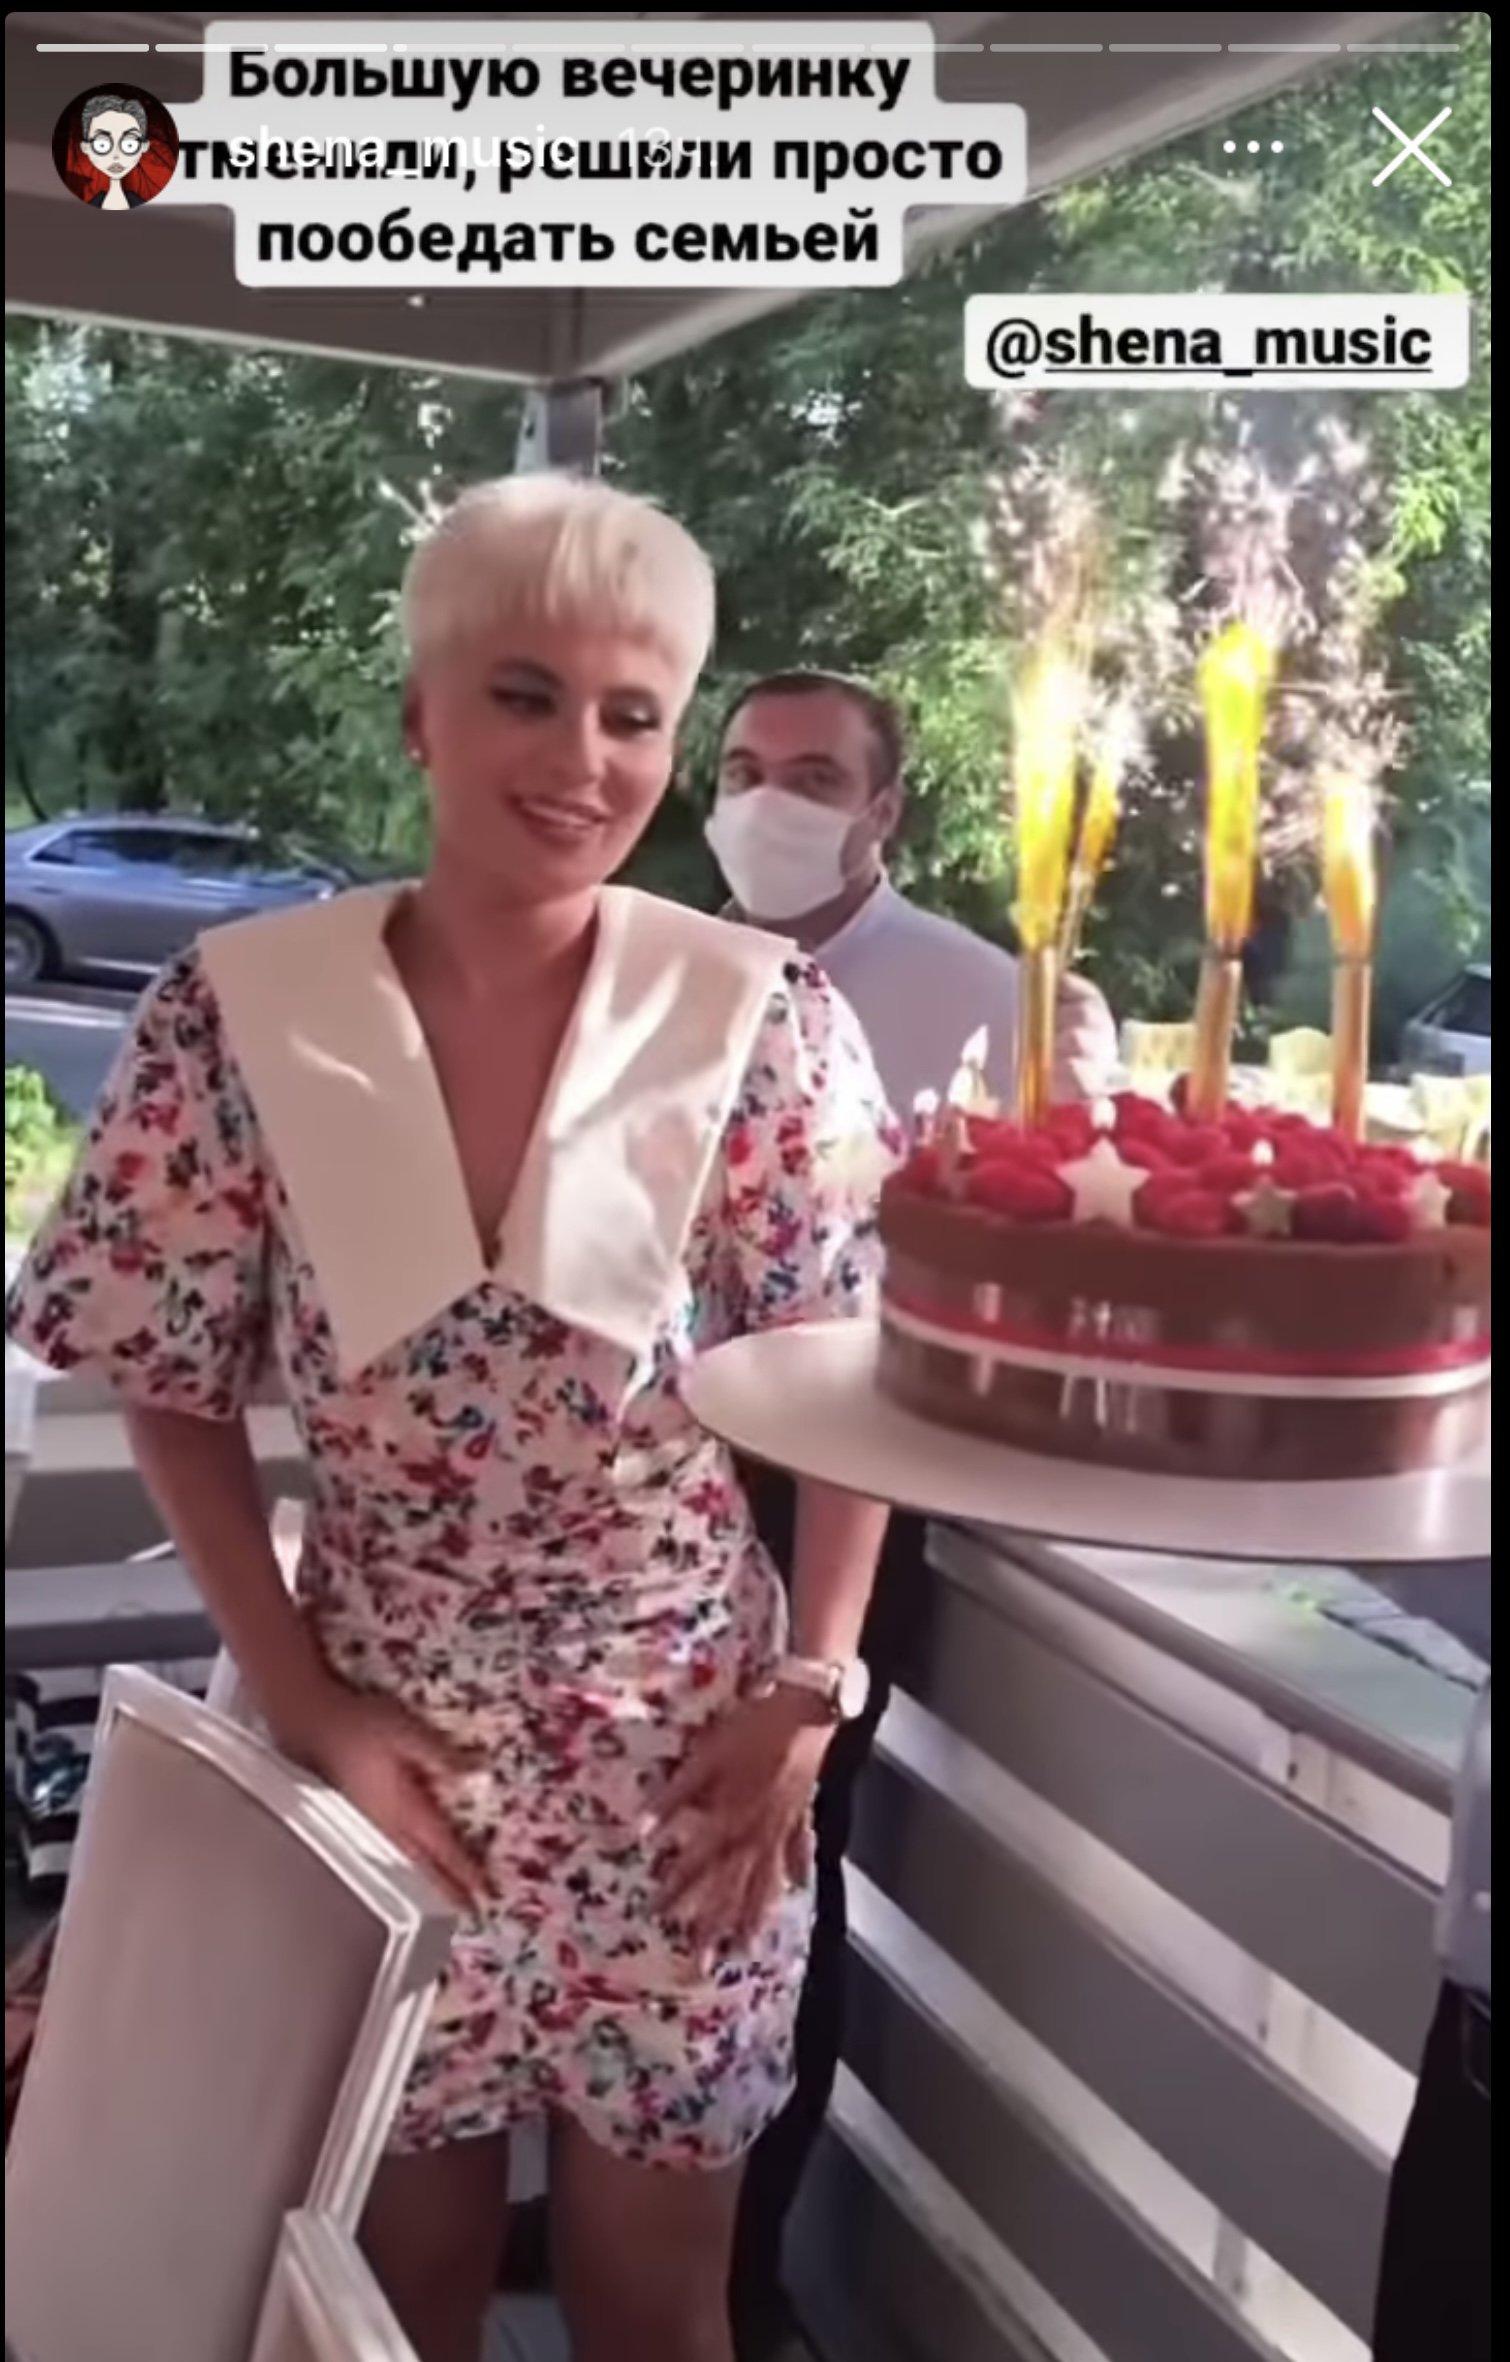 Певица Валерия погуляла на дне рождения дочери Шены